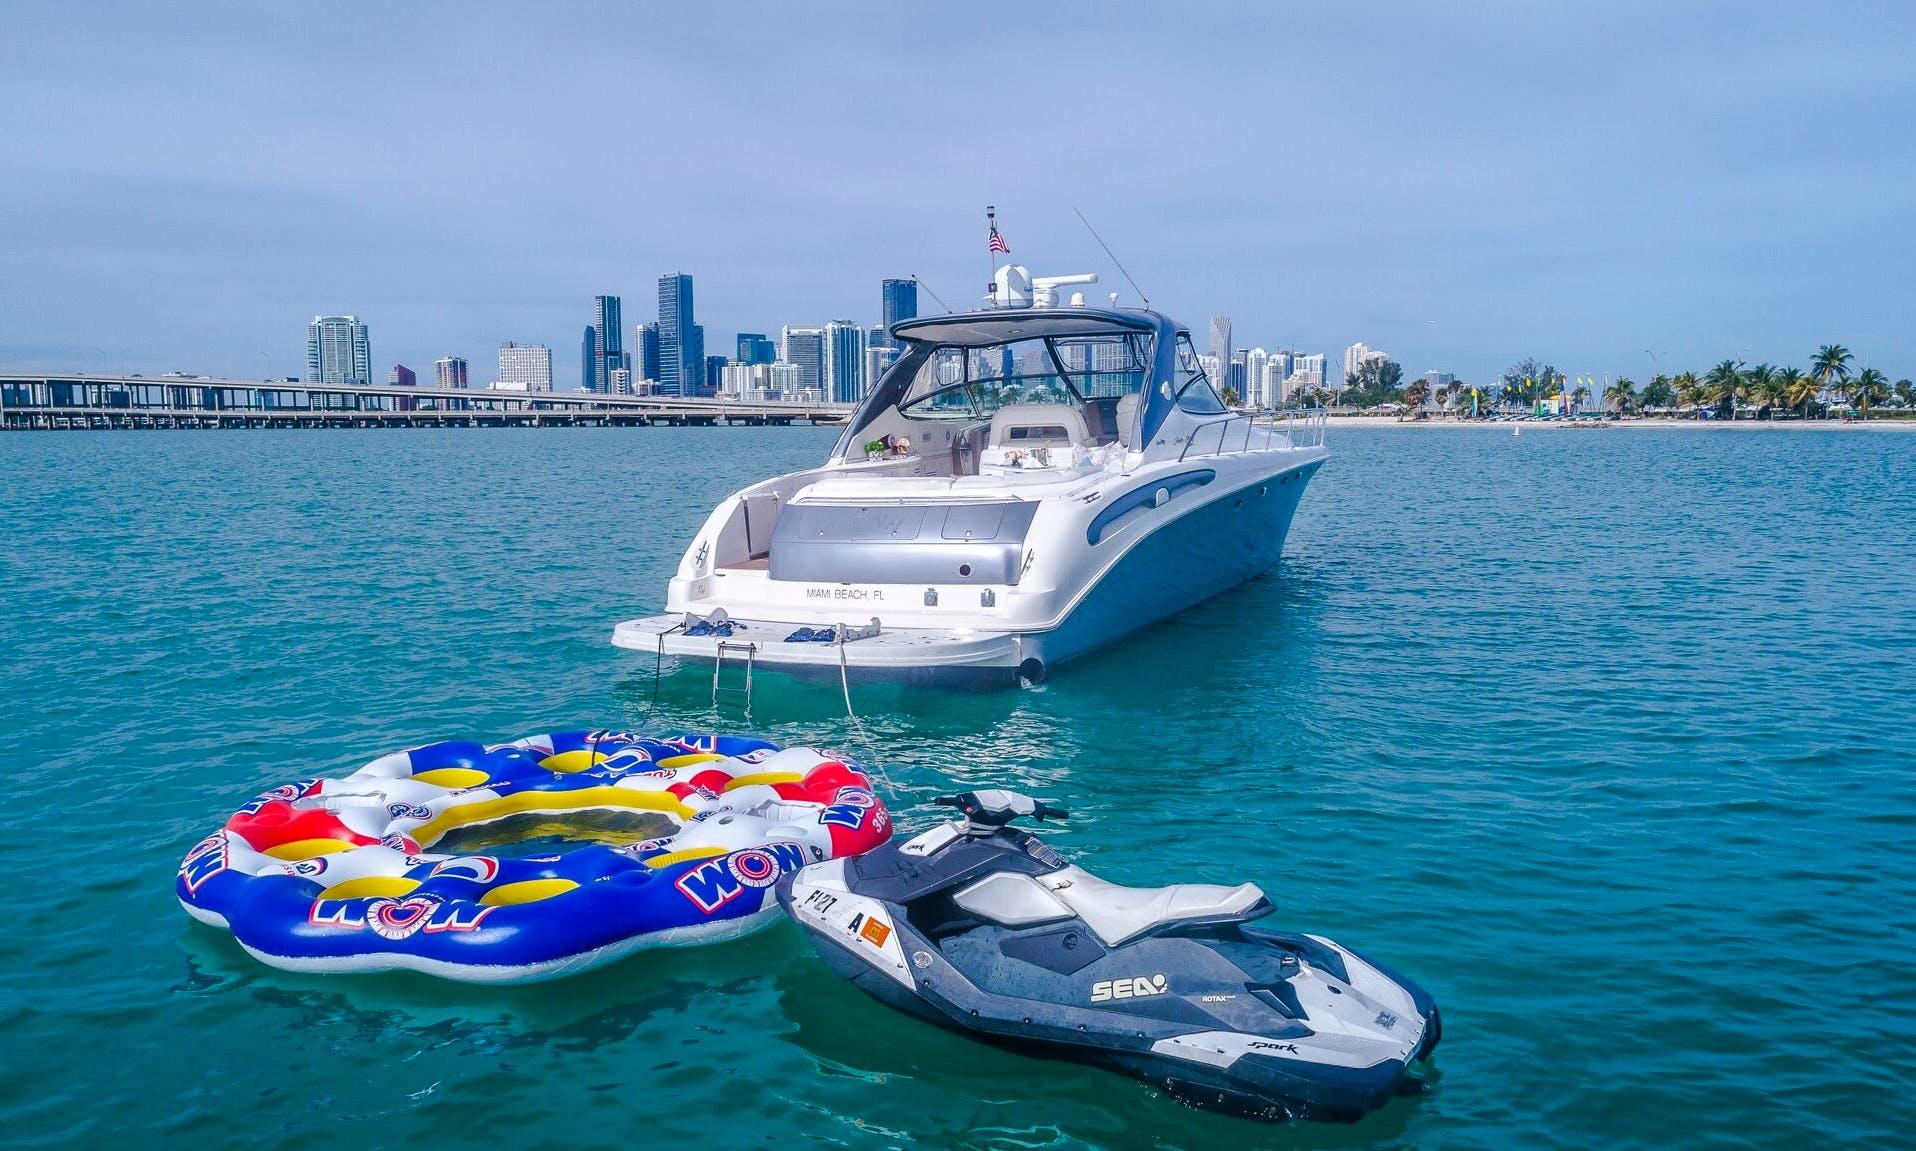 Rent this  54' Sea Ray Yacht - Miami, Florida Keys, The Bahamas!